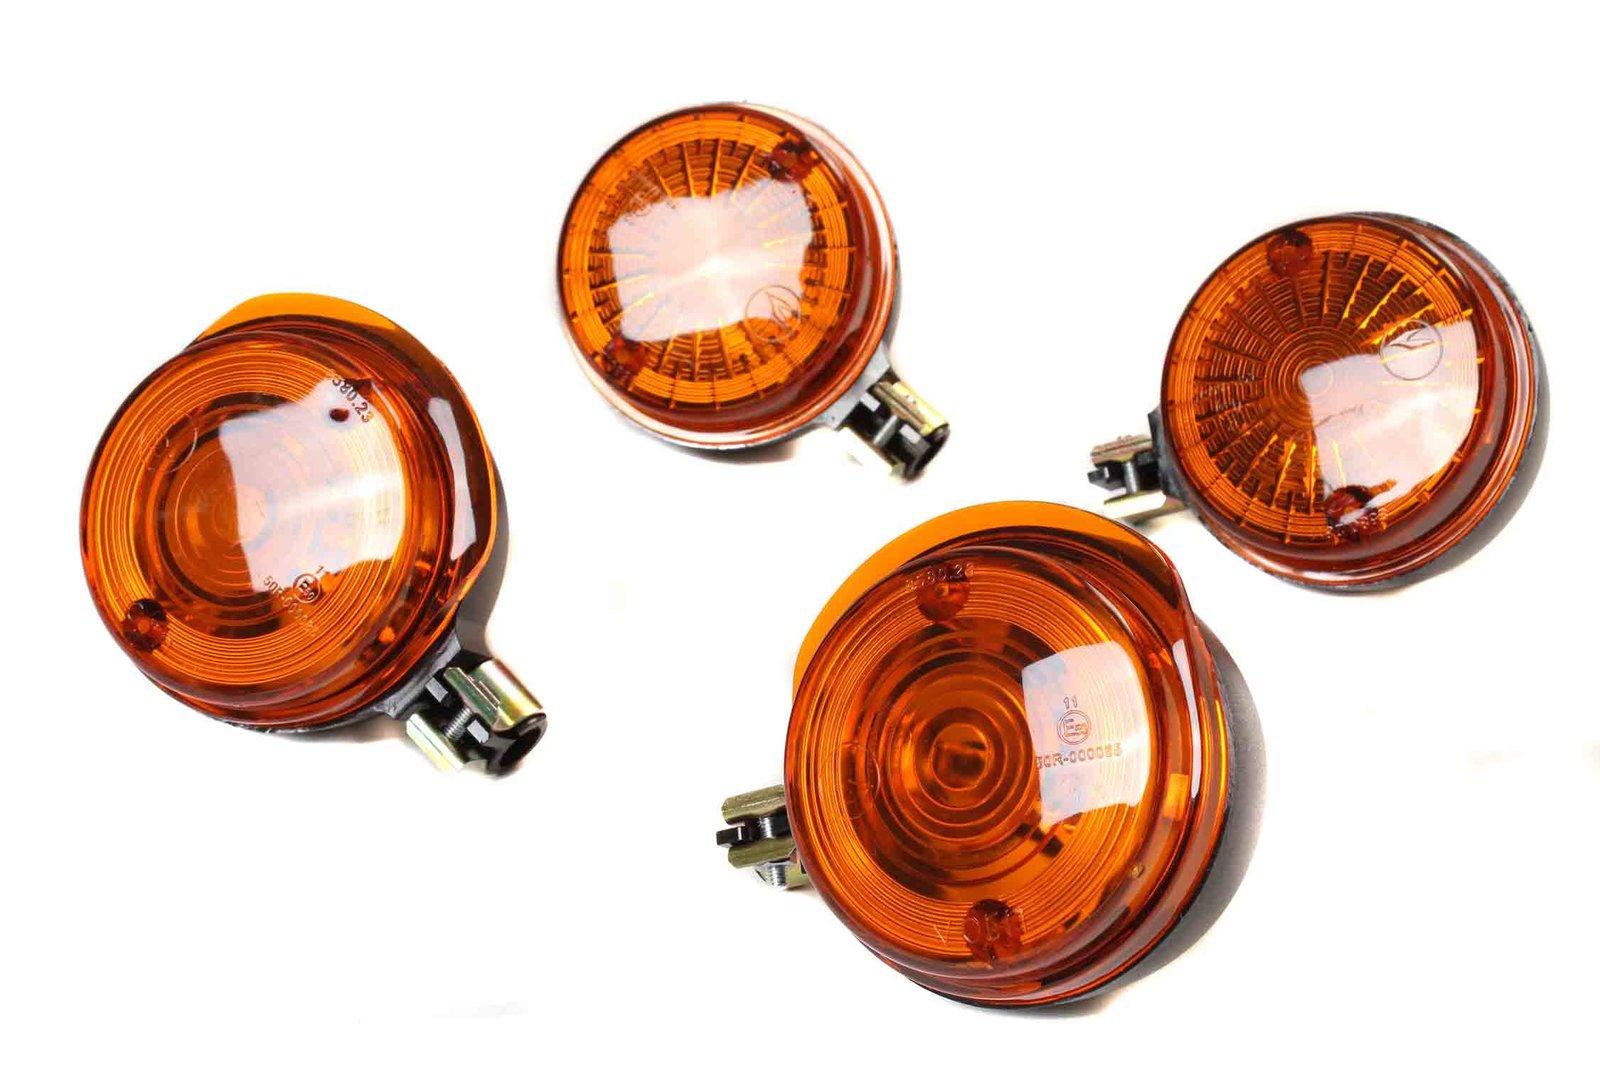 Blinkleuchte vorn Blinkerträger Blinkleuchtenhalter S51 S50 passend für Simson